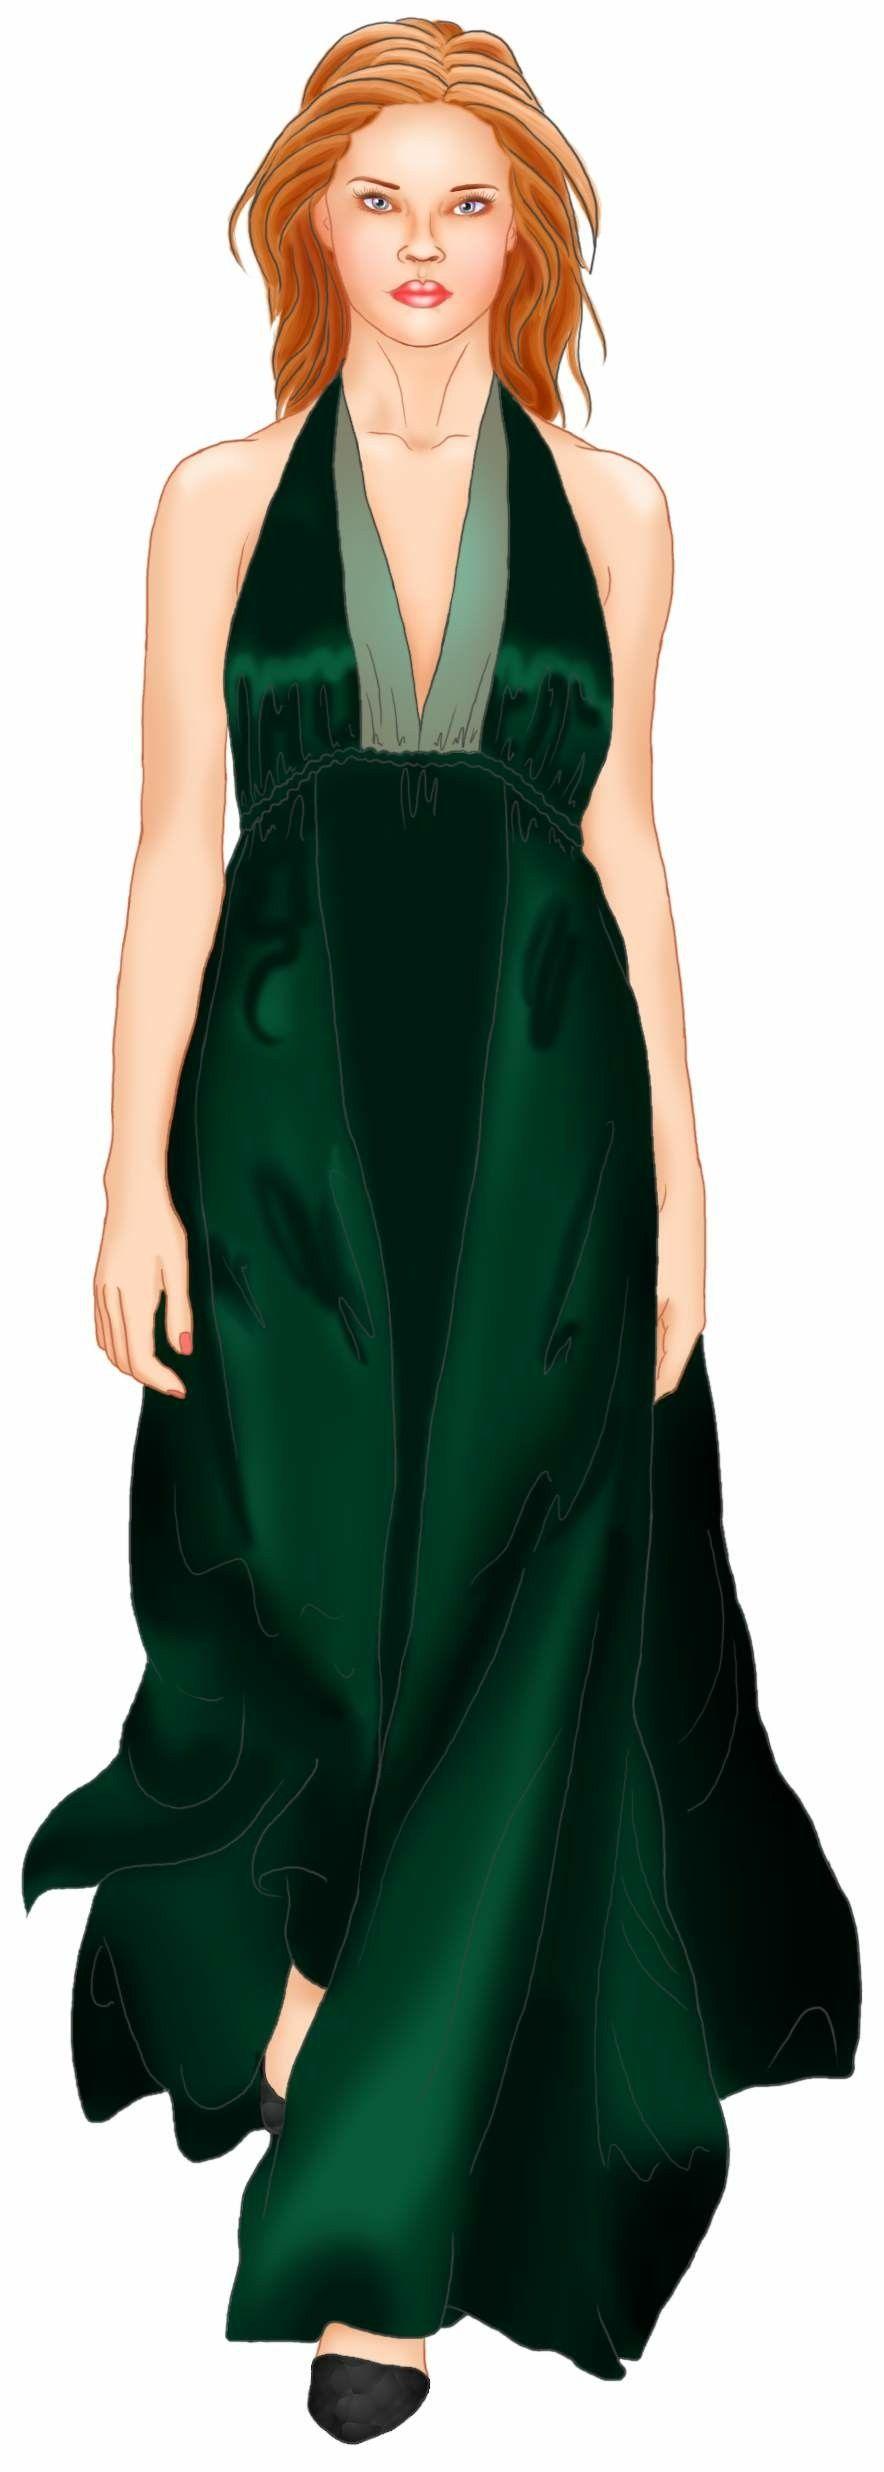 Free online maxi dress pattern